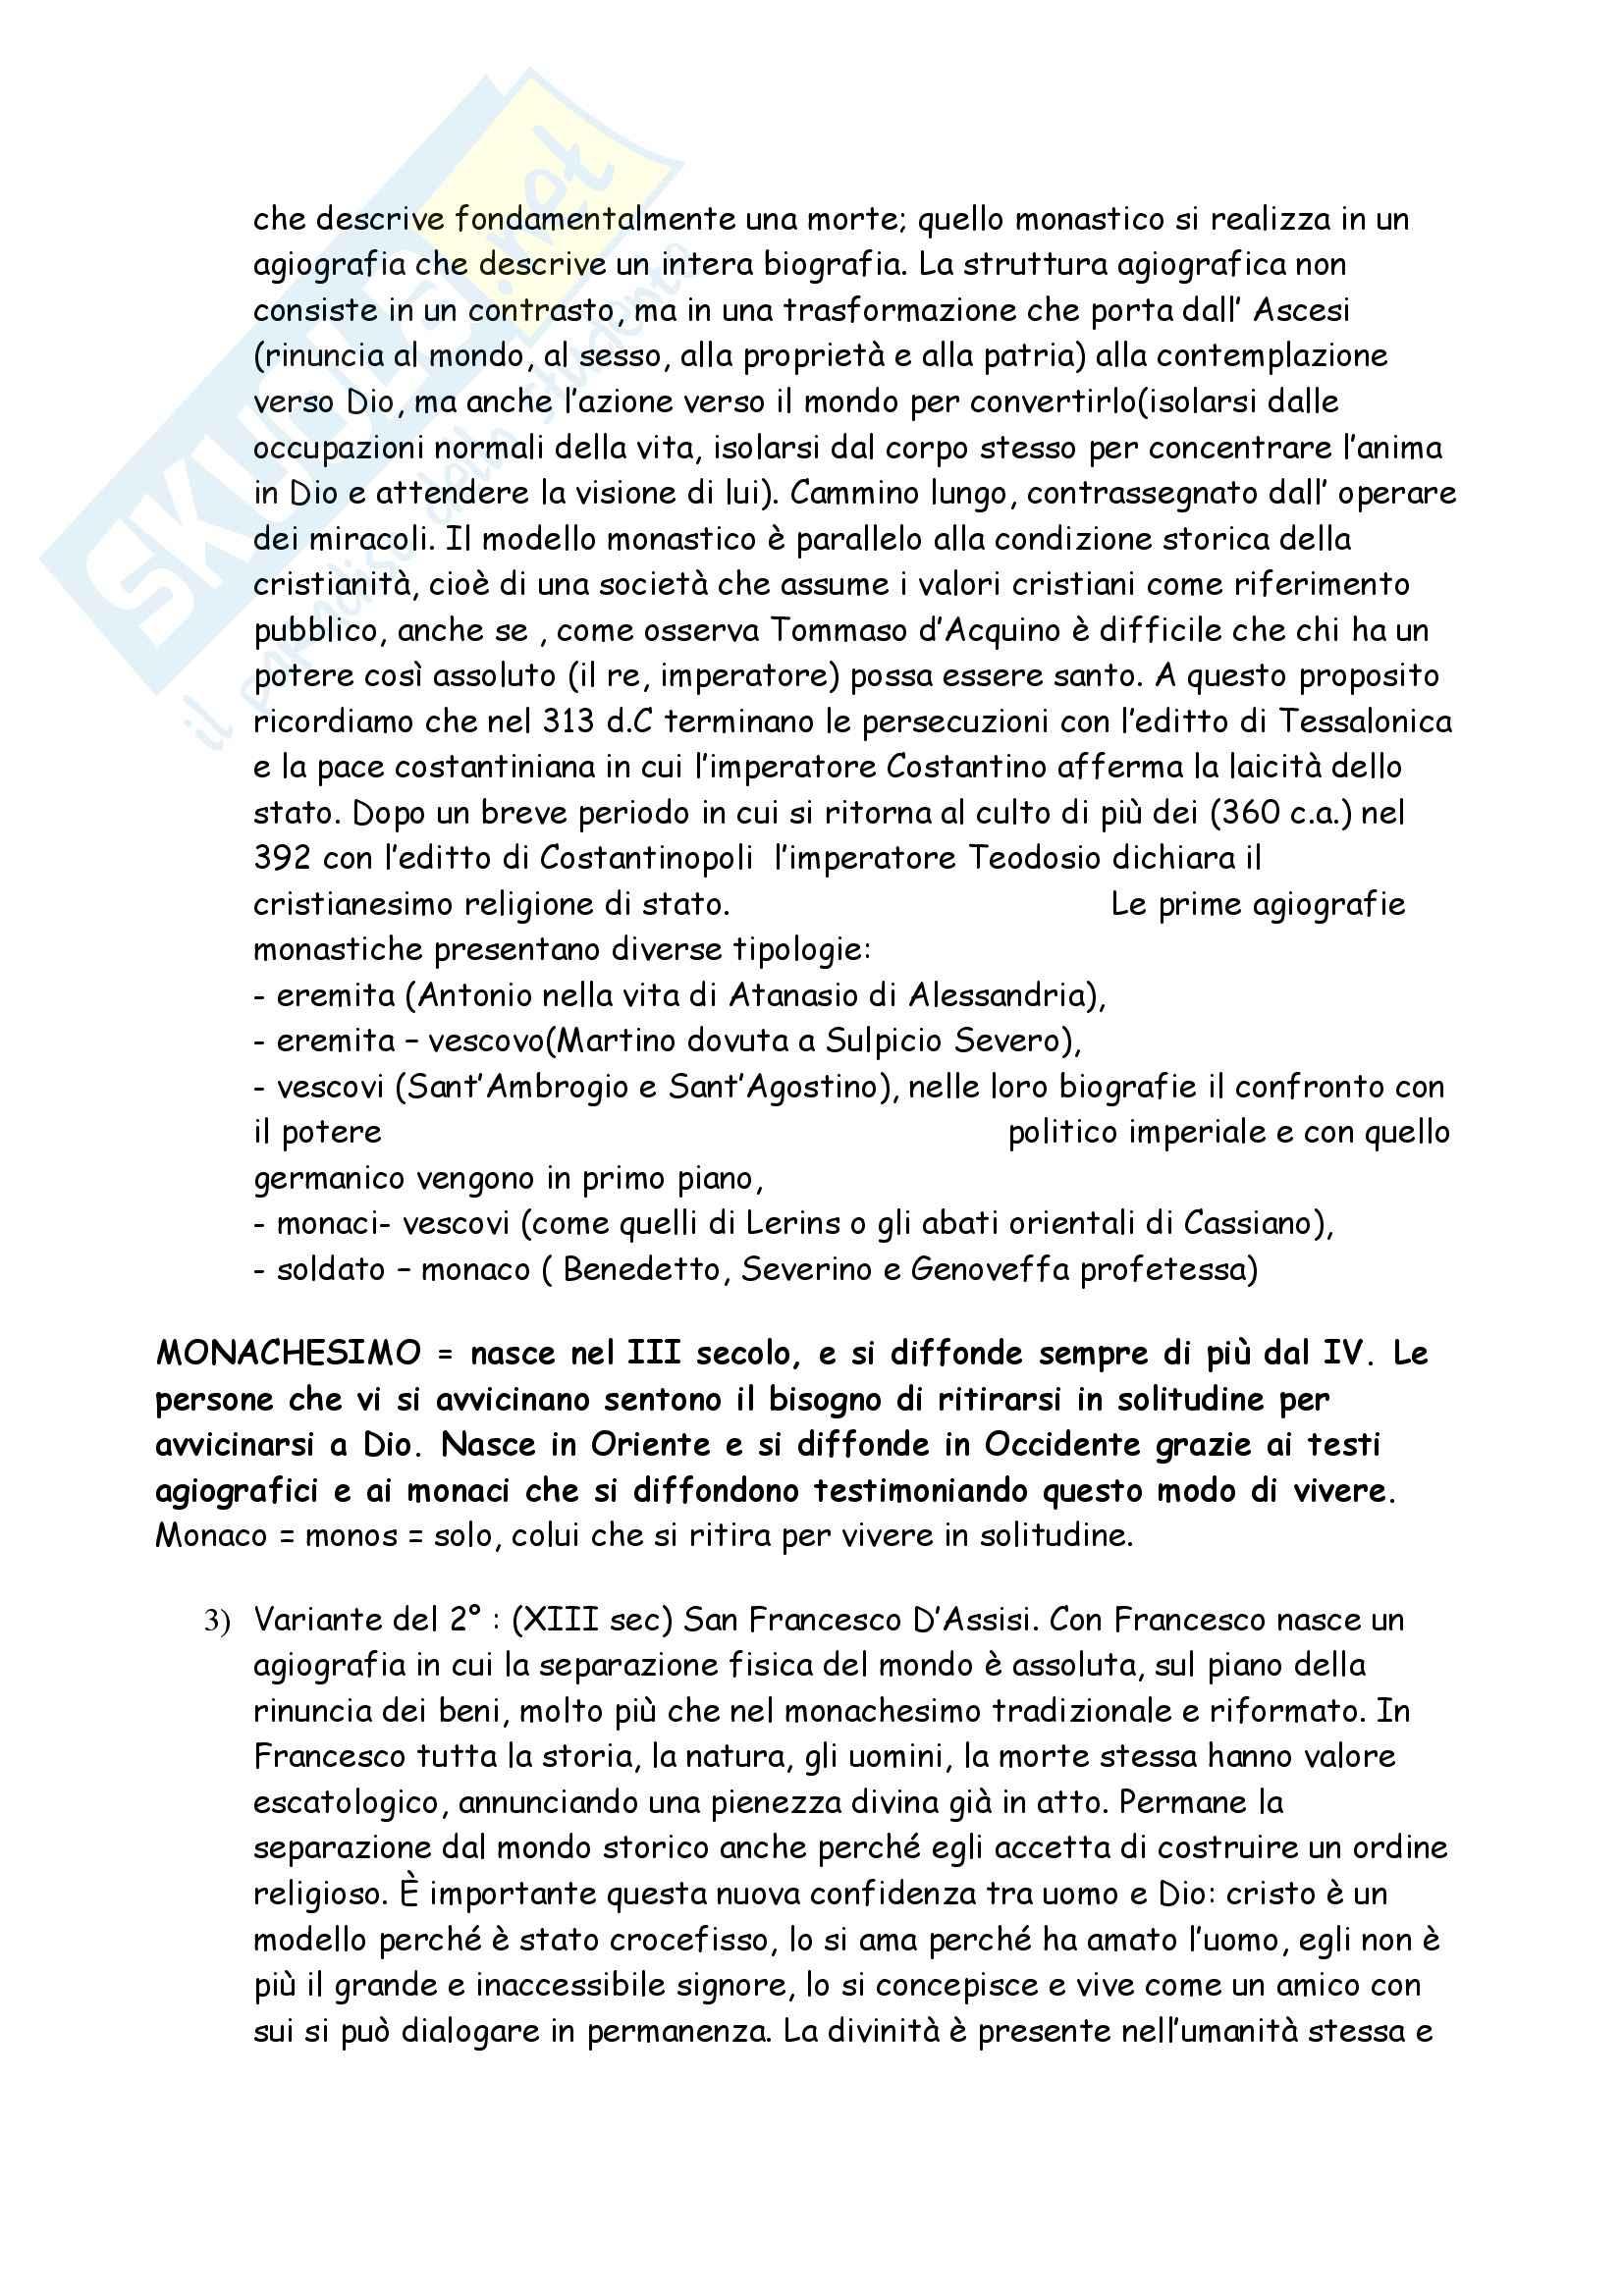 Agiografia - i modelli agiografici Pag. 2